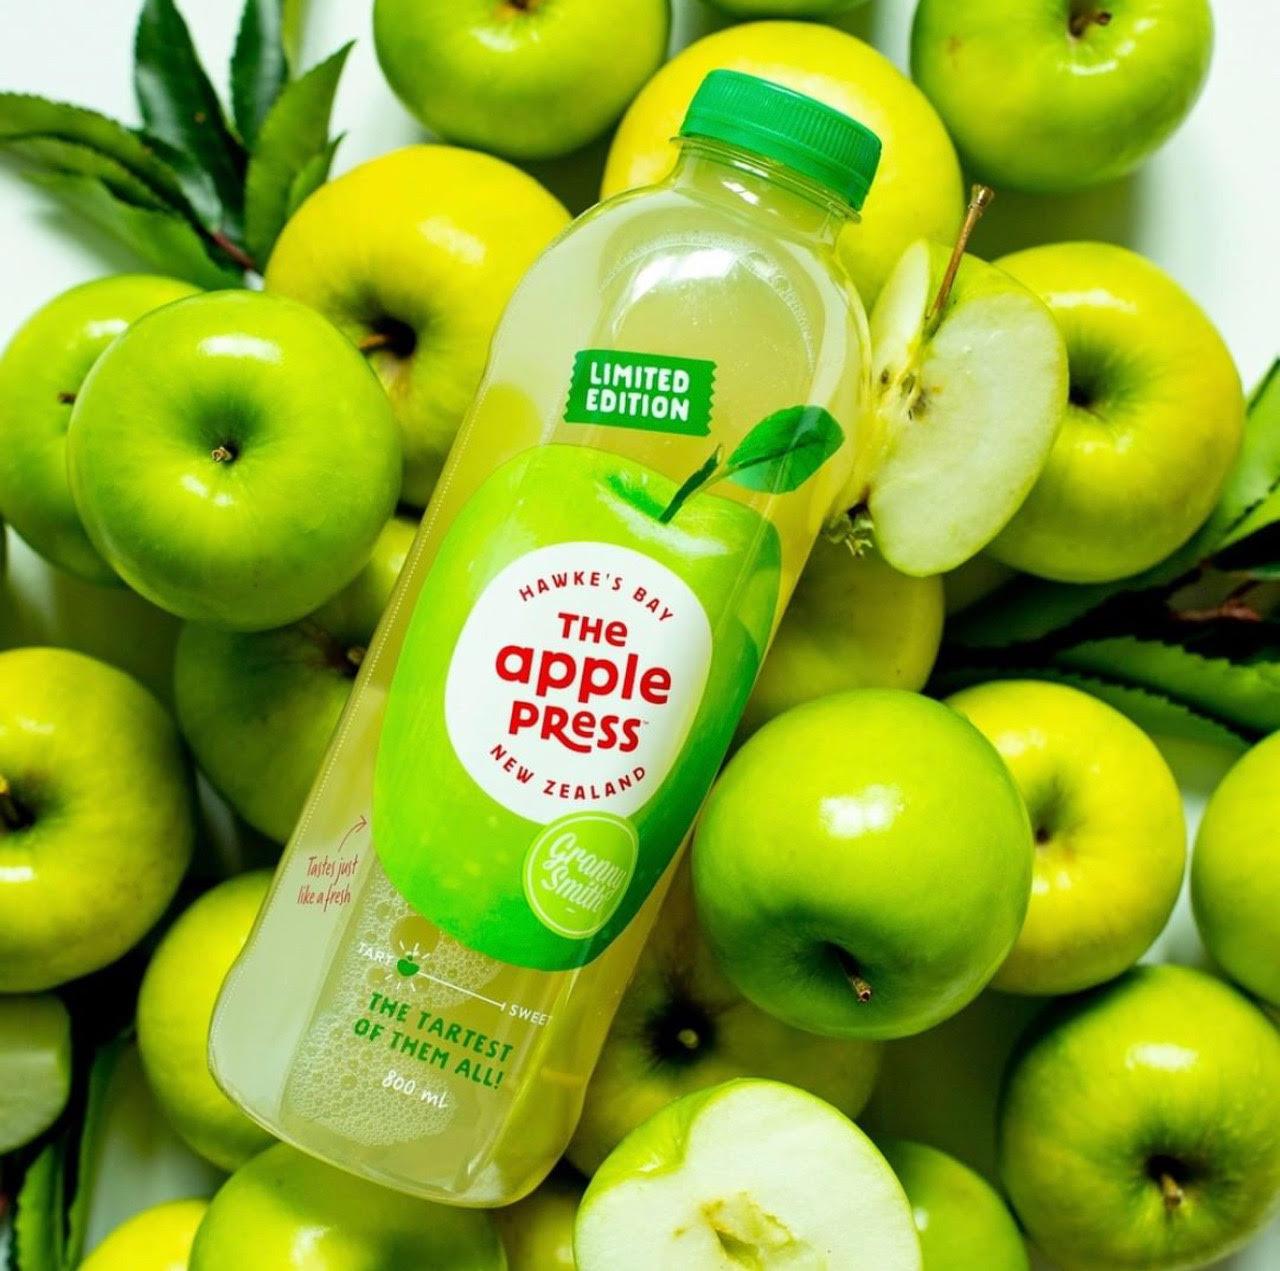 tart apple juice